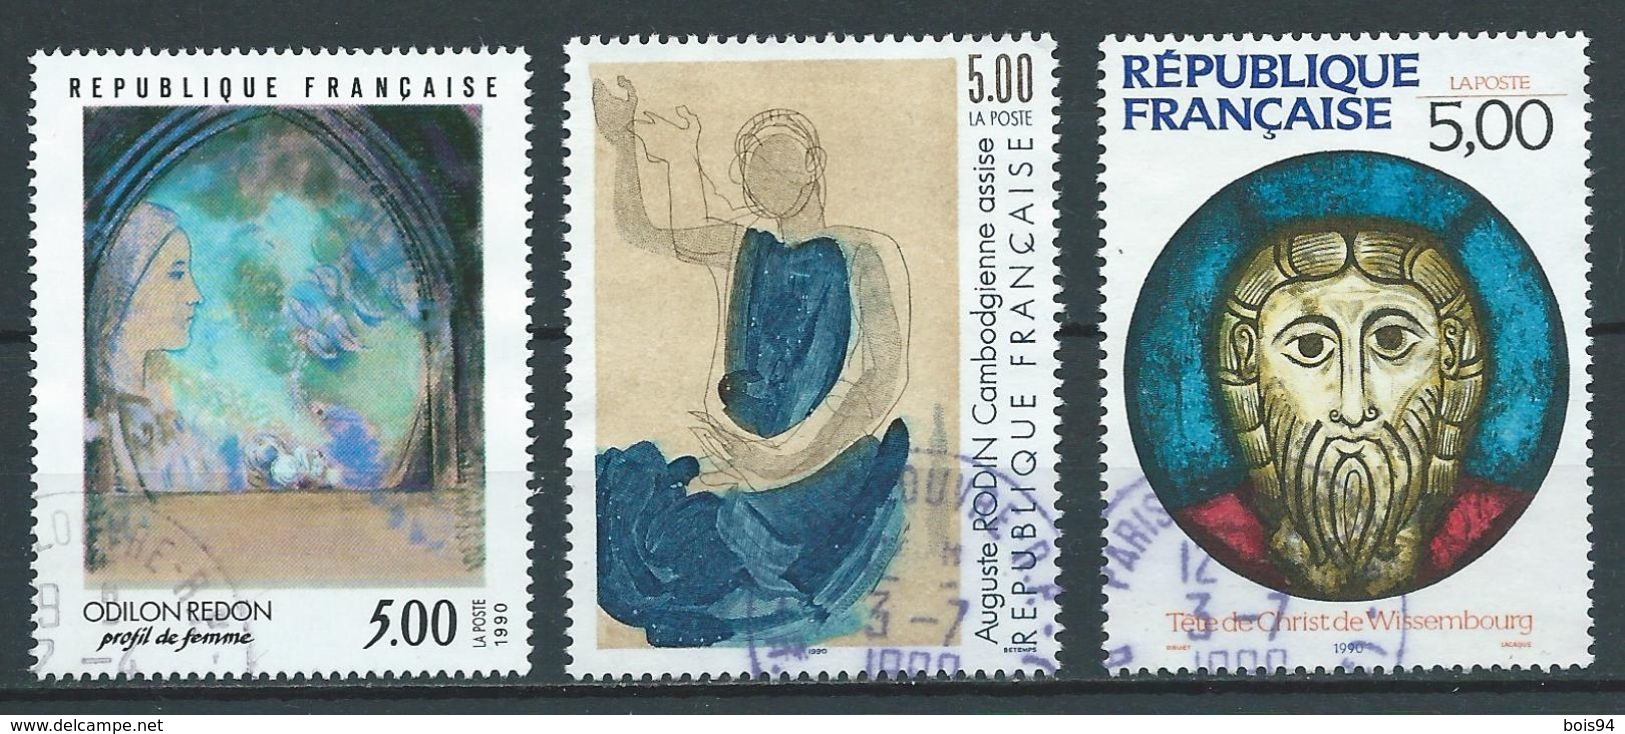 FRANCE 1990 . N°s 2635 , 2636 Et 2637 . Oblitérés . - Oblitérés